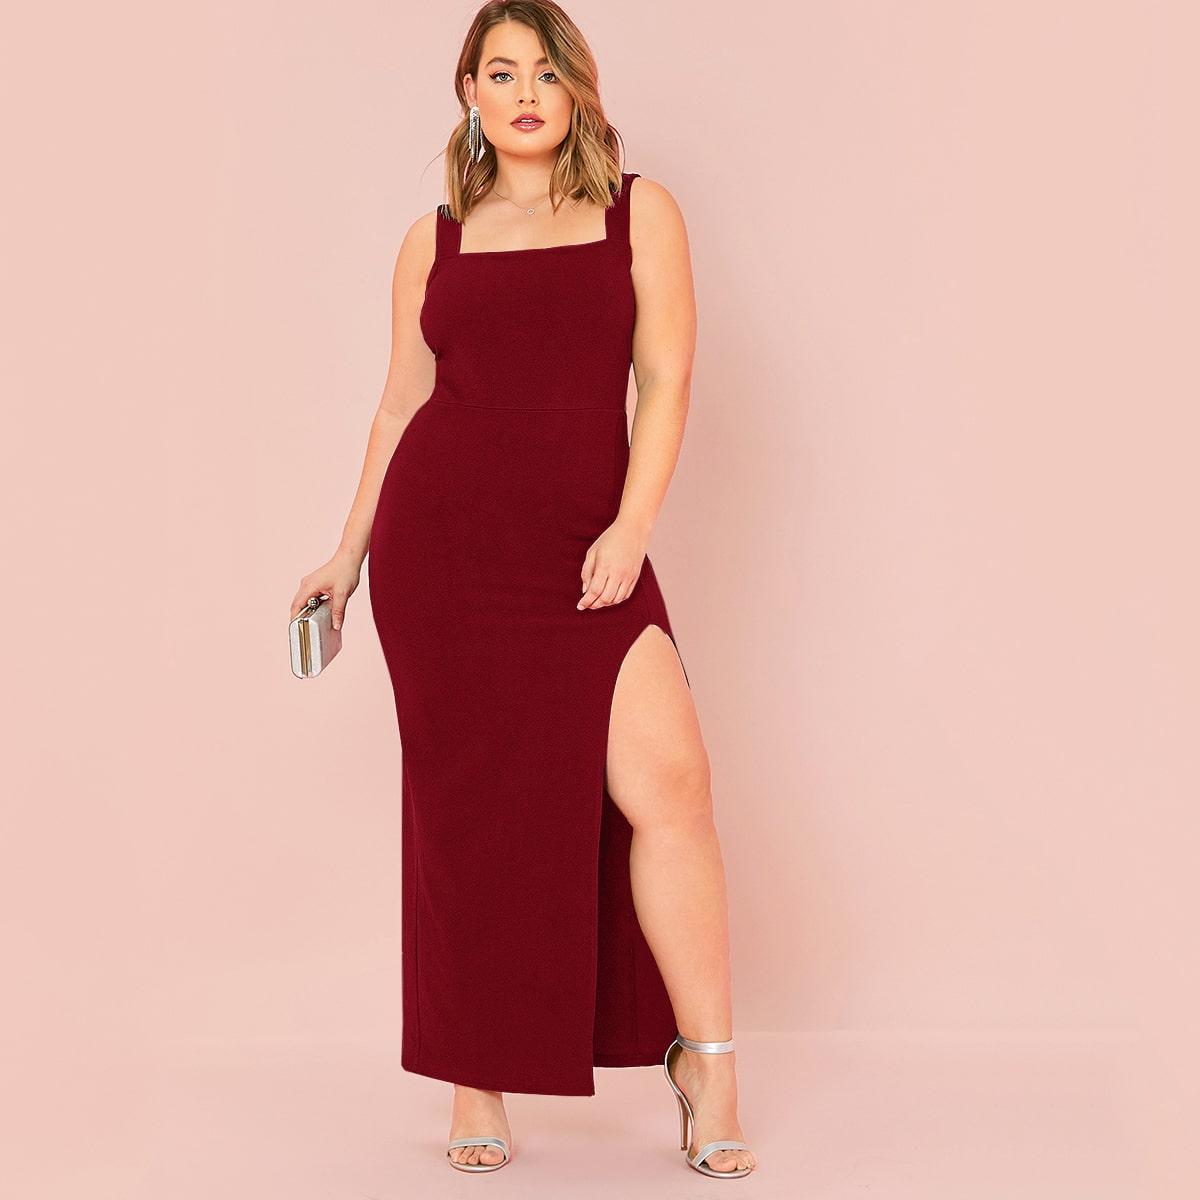 Однотонное макси платье размера плюс с разрезом